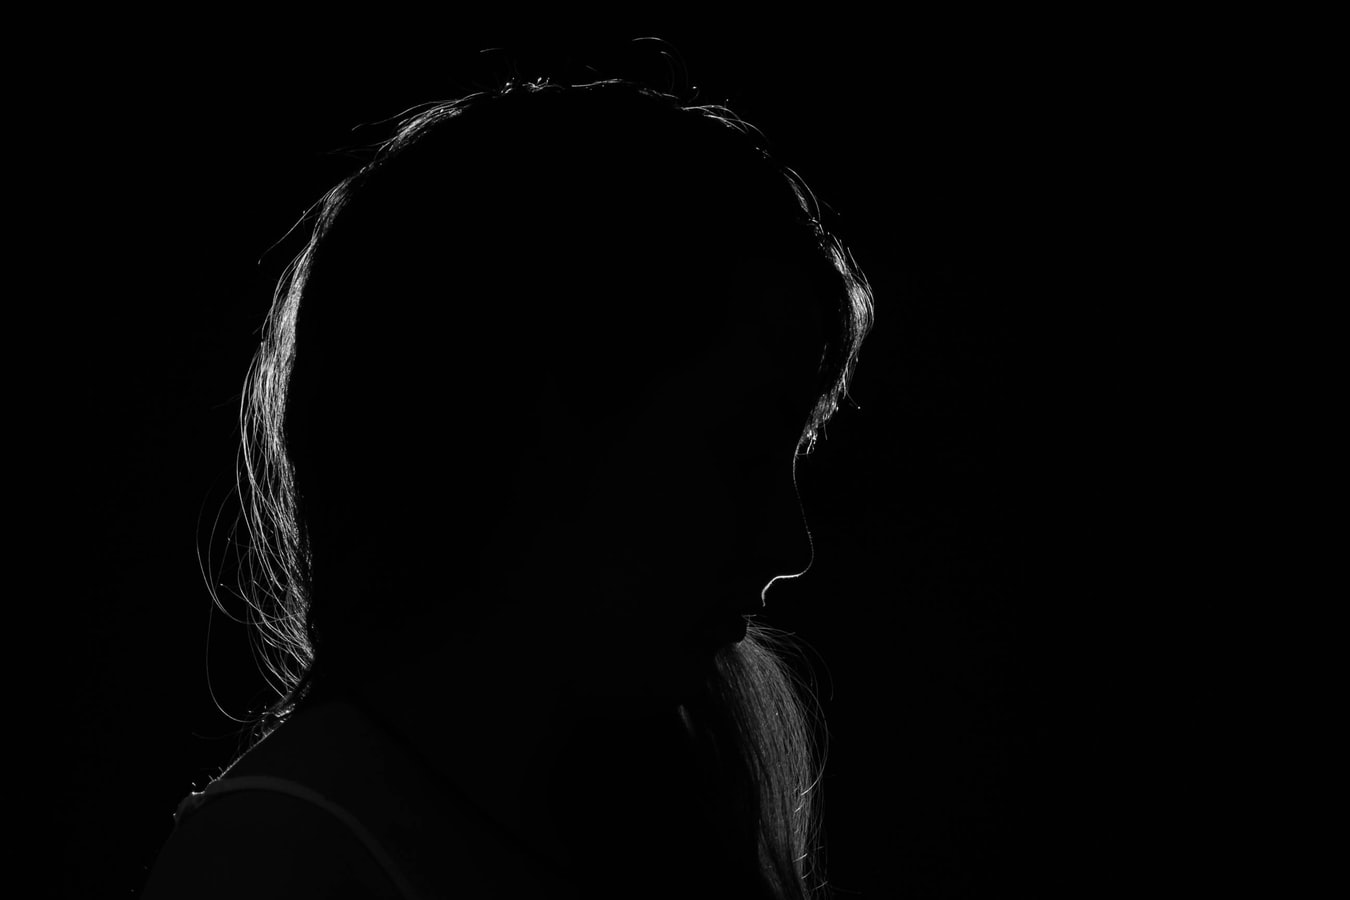 Η ιστορία της Άννας που έπεσε θύμα εκδικητικής πορνογραφίας από τον κολλητό της